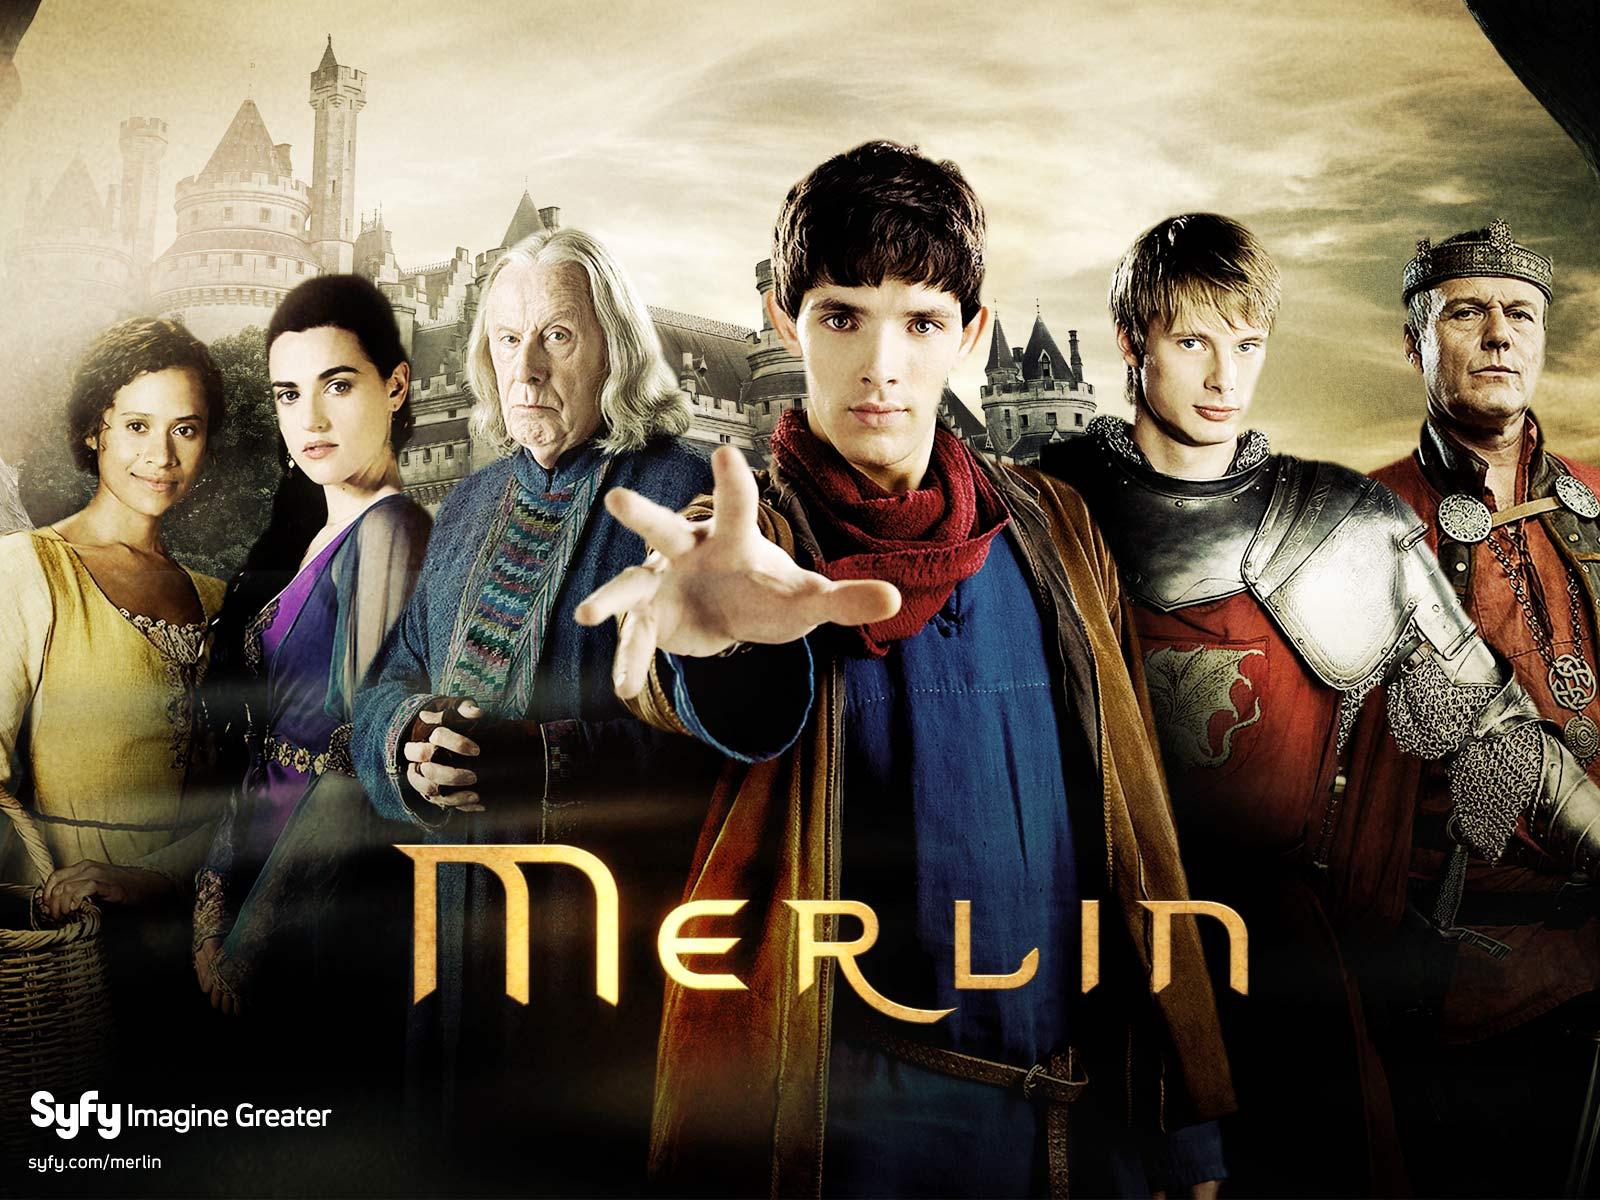 http://3.bp.blogspot.com/_6UmsrSyHL-o/TSAhL3I1d4I/AAAAAAAAAC4/hHjRYco-0yU/s1600/Merlin.jpg